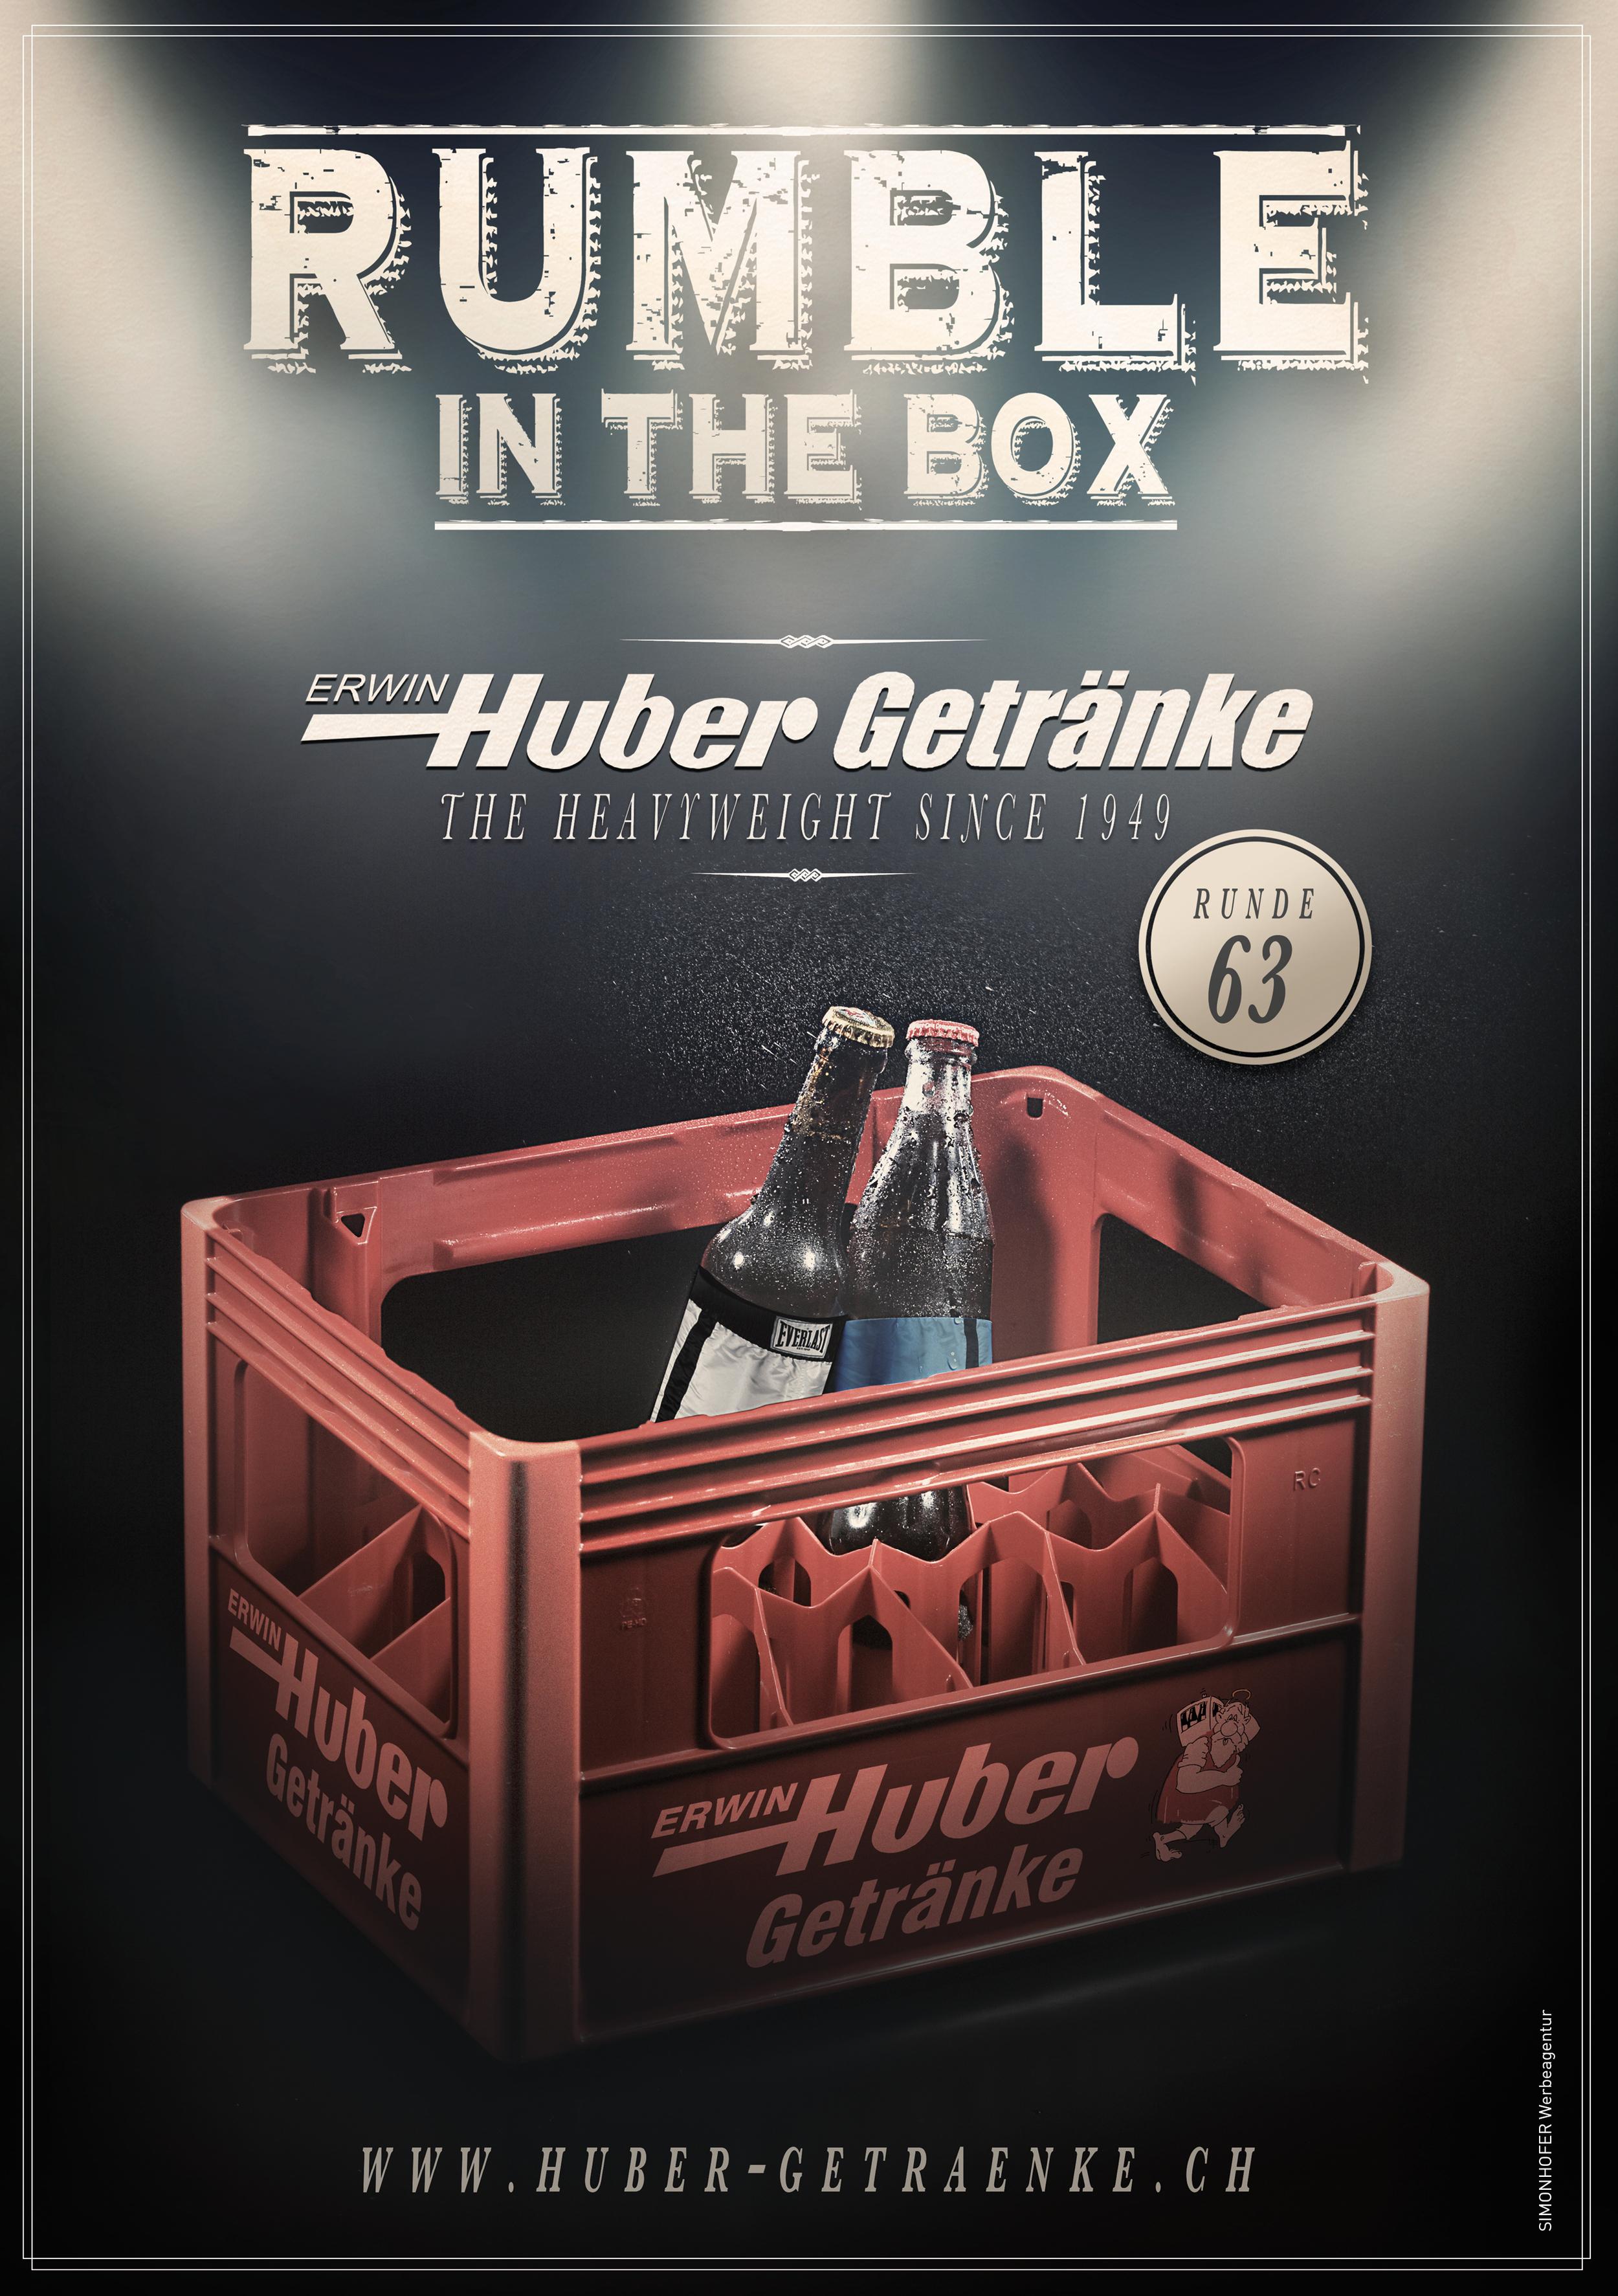 Inserat und Einladung für Erwin Huber Getränke Zürich